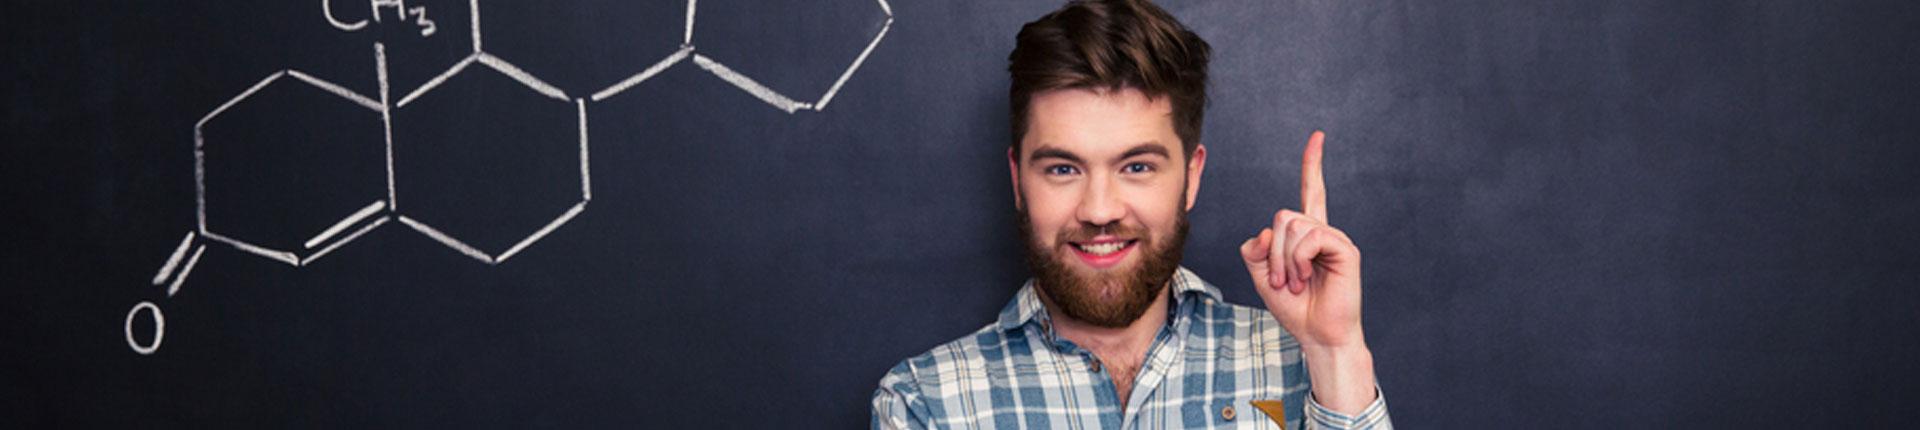 Testosteron - fakty i mity! Czy testosteron leczy depresję?